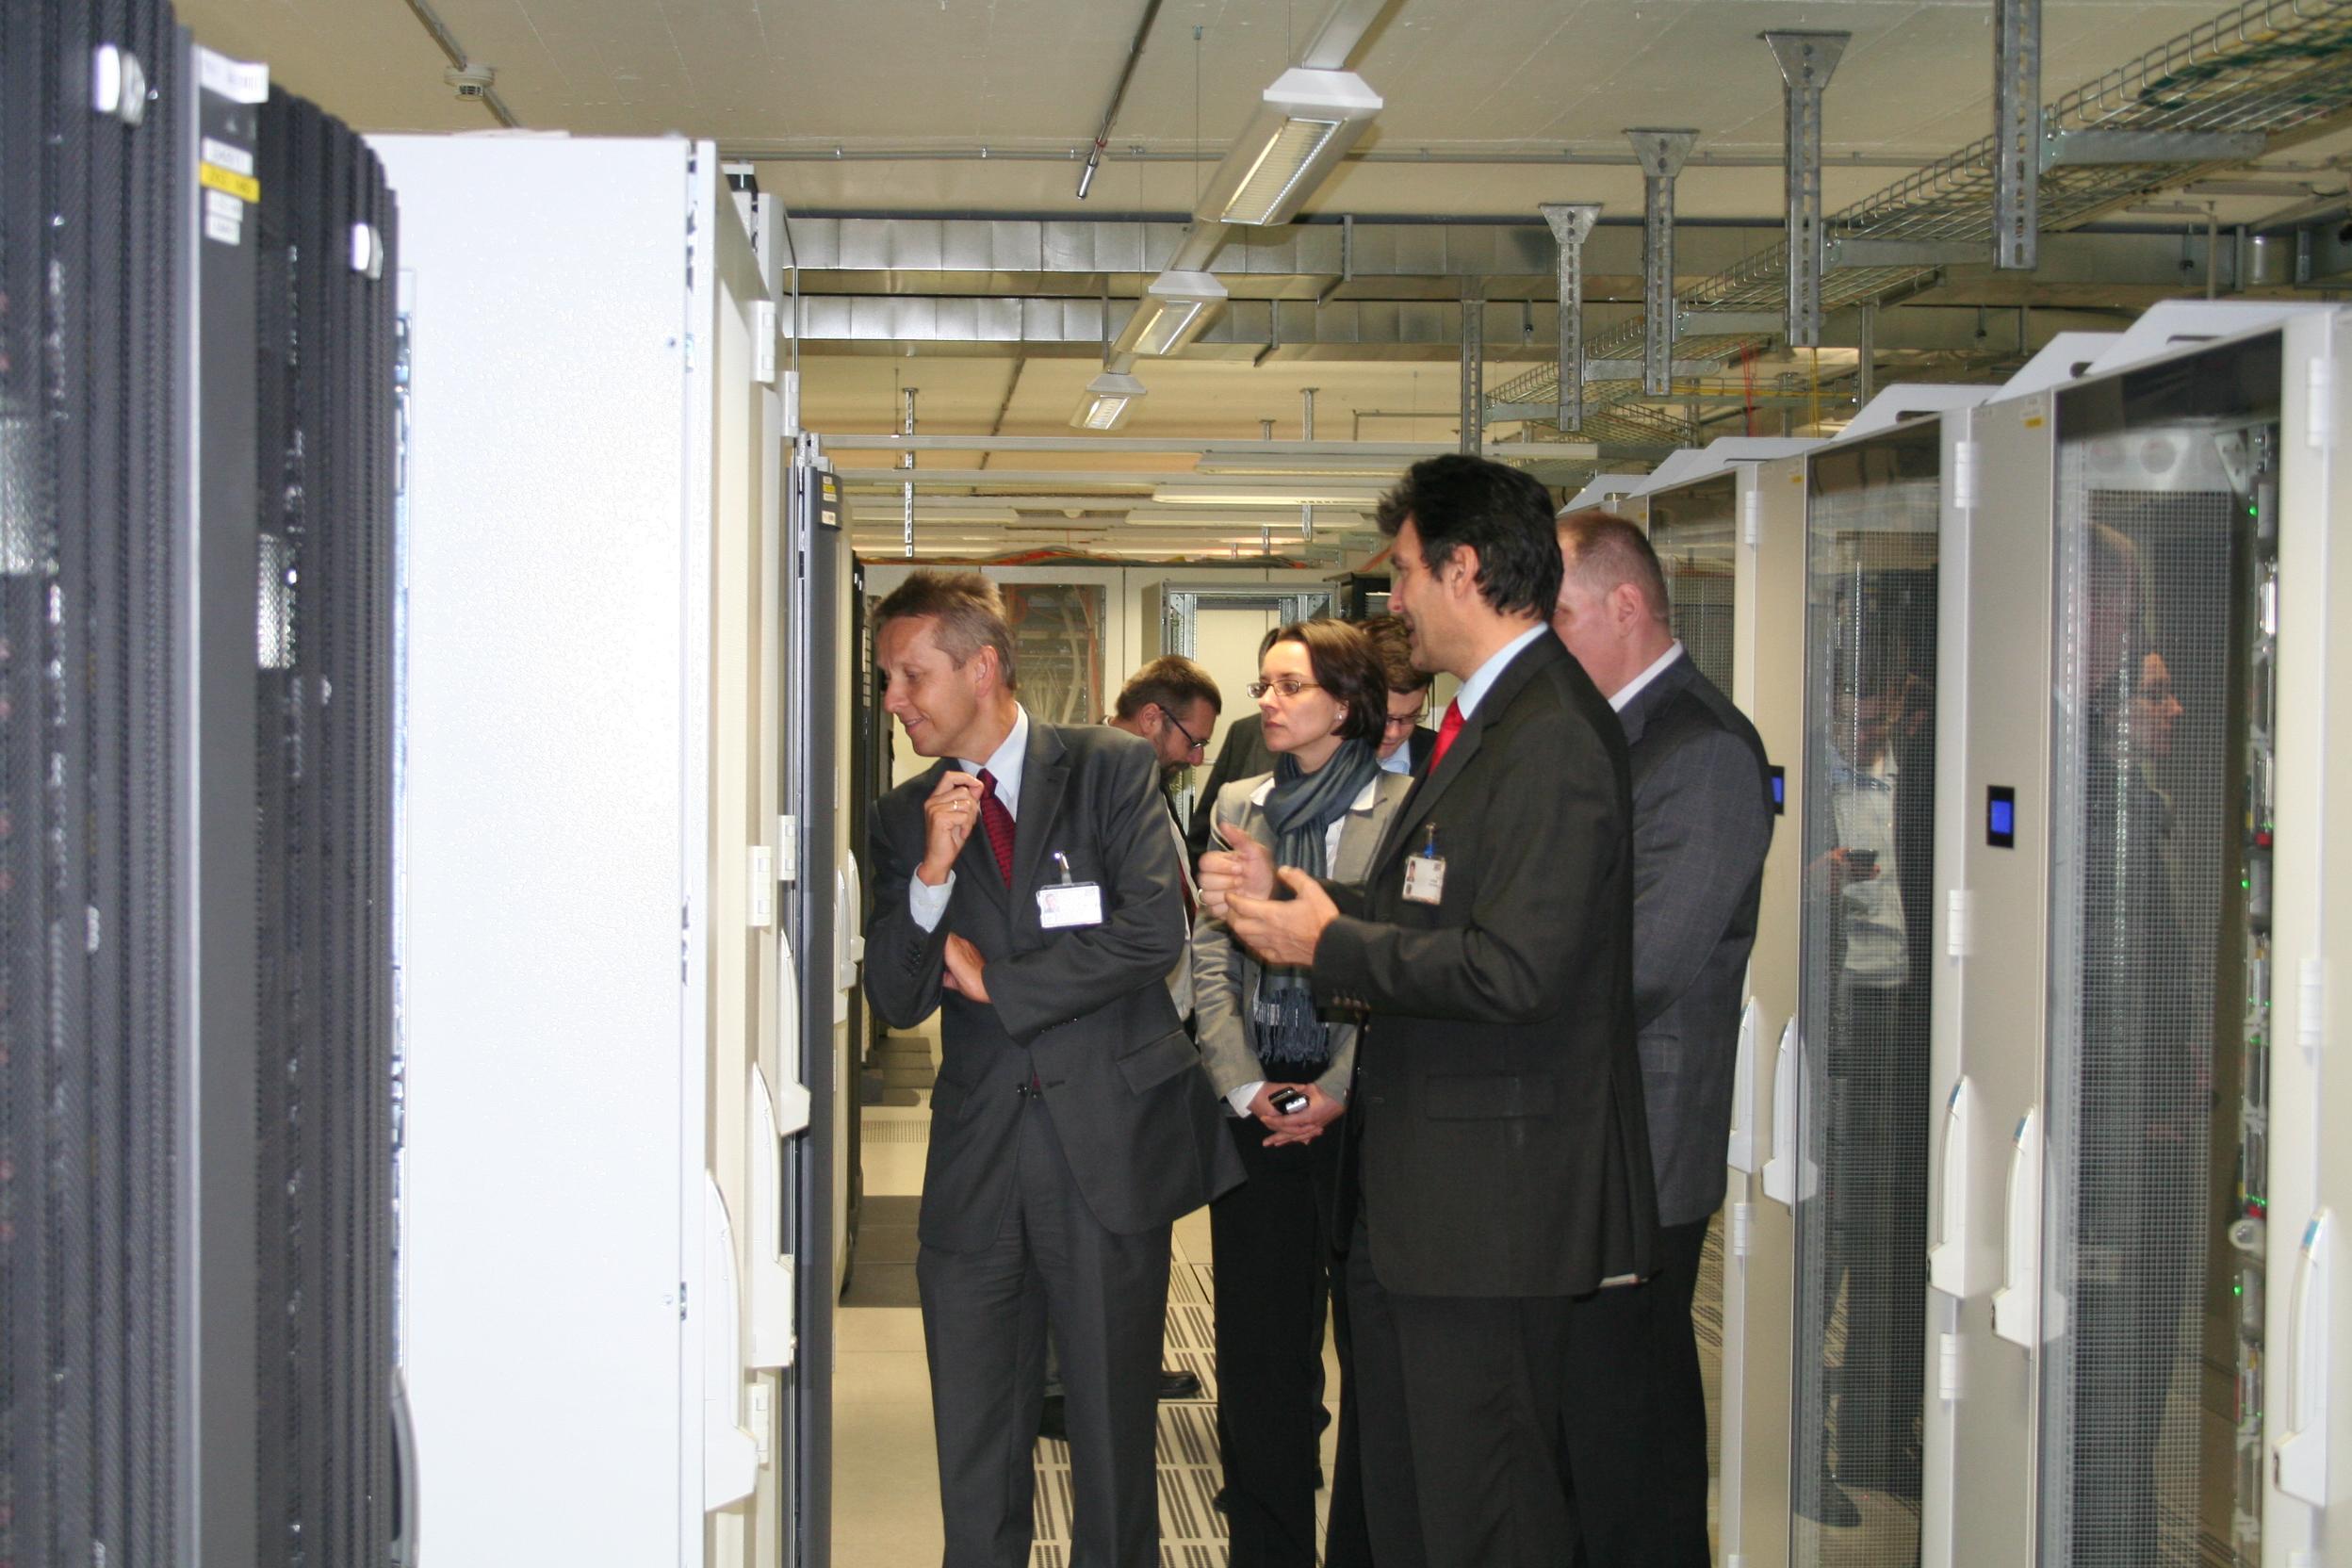 Zu Besuch im Serverraum des BRZ (C) BRZ